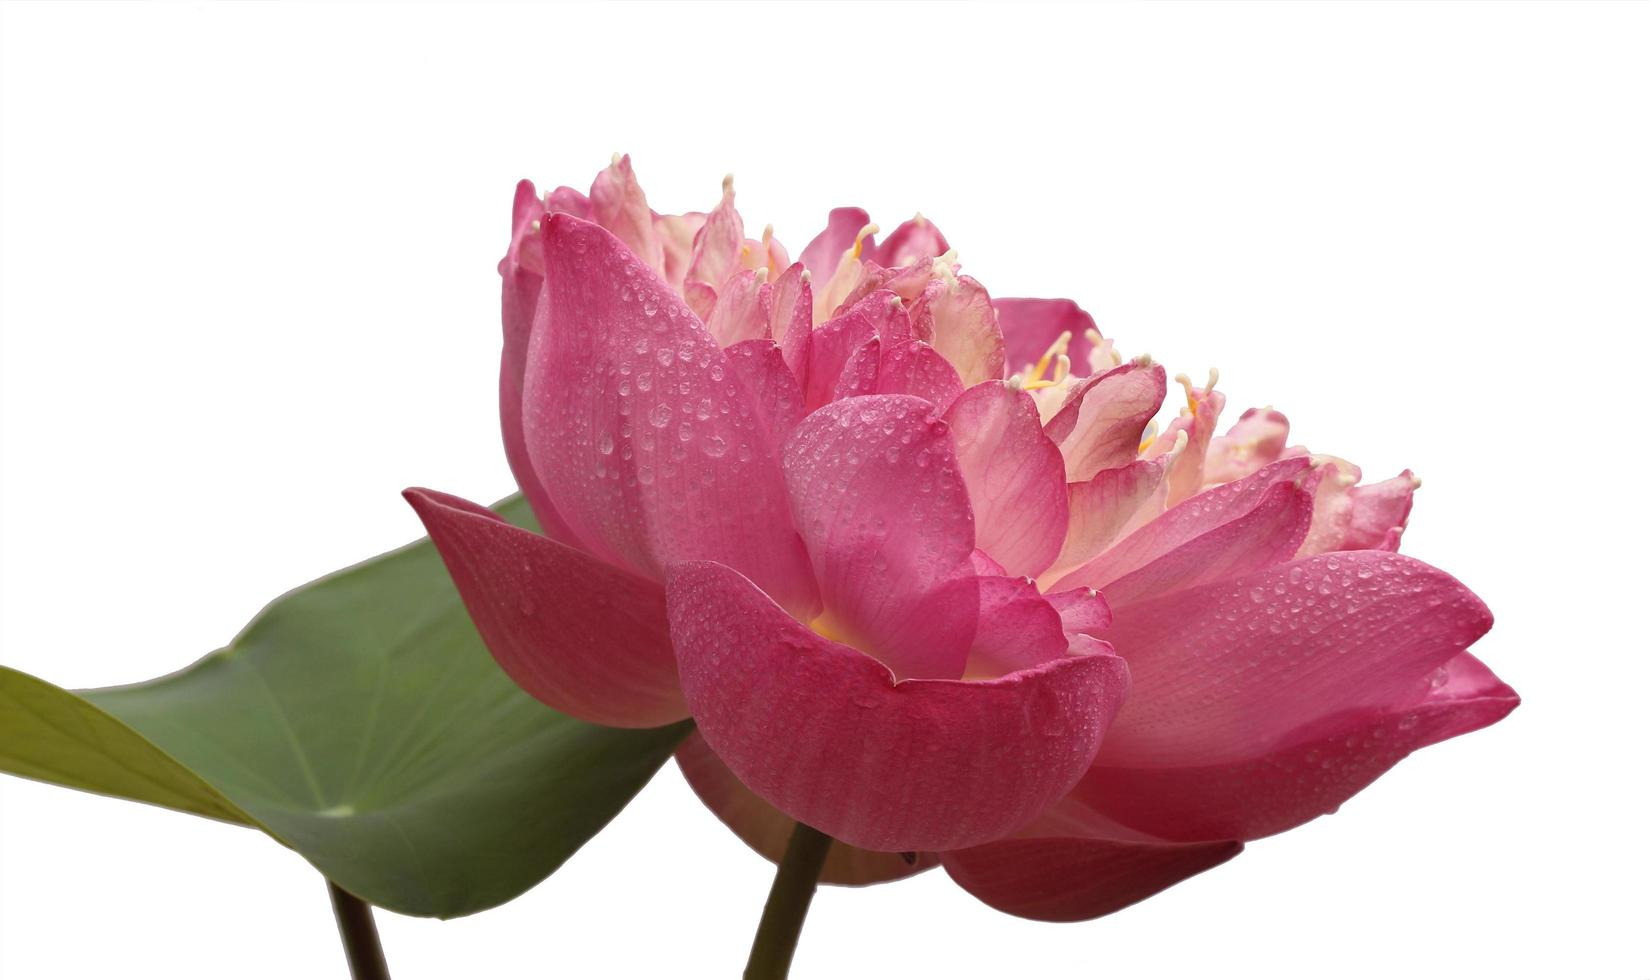 fiore rosa su bianco foto